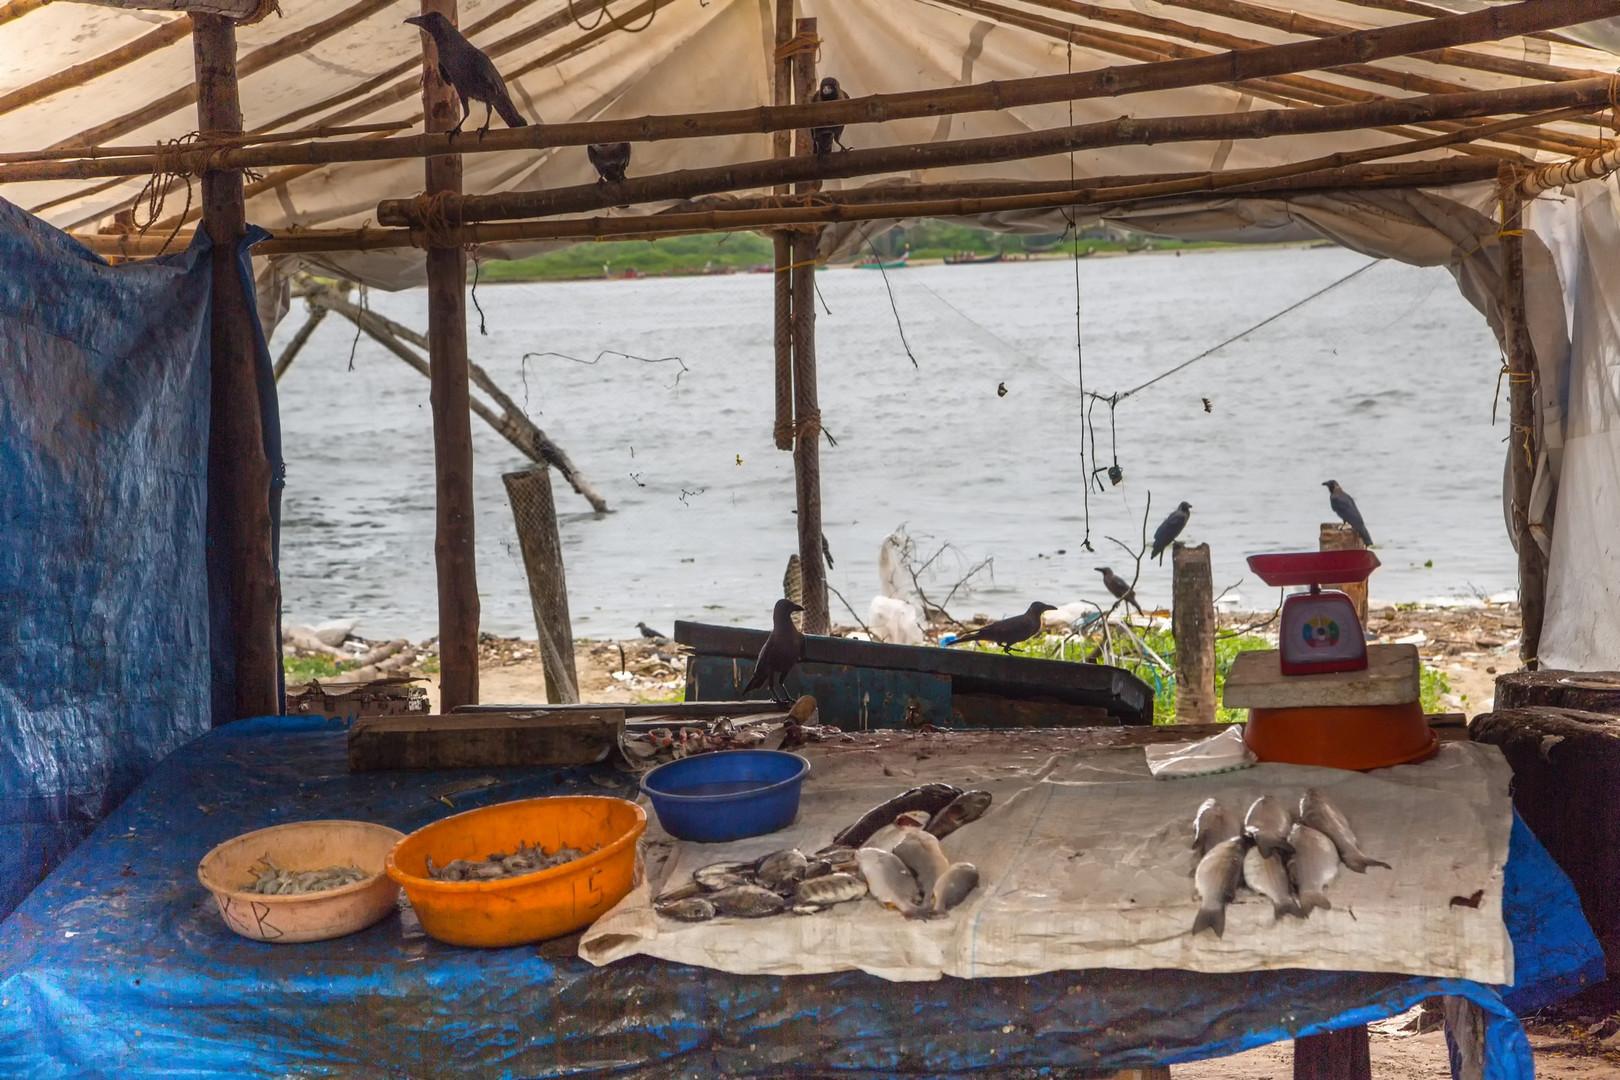 Etal de poissons qu'on peut se faire préparer dans un restaurant voisin